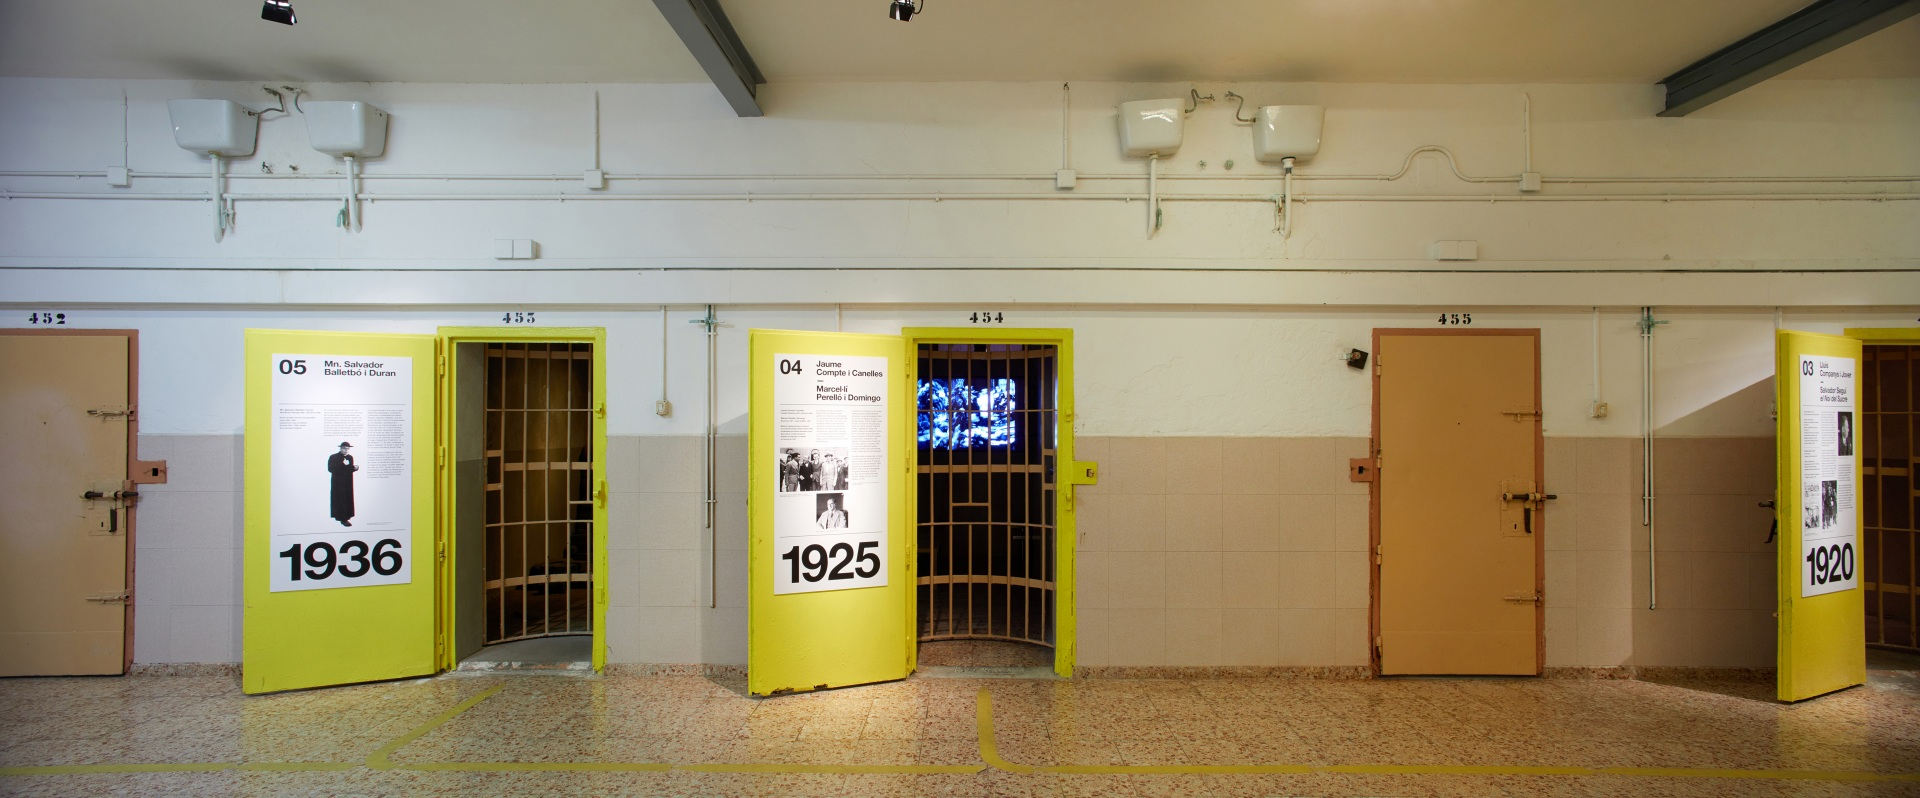 Visita museizada a la Presó Model. Celdas 3, 4 y 5. Puertas amarillas.